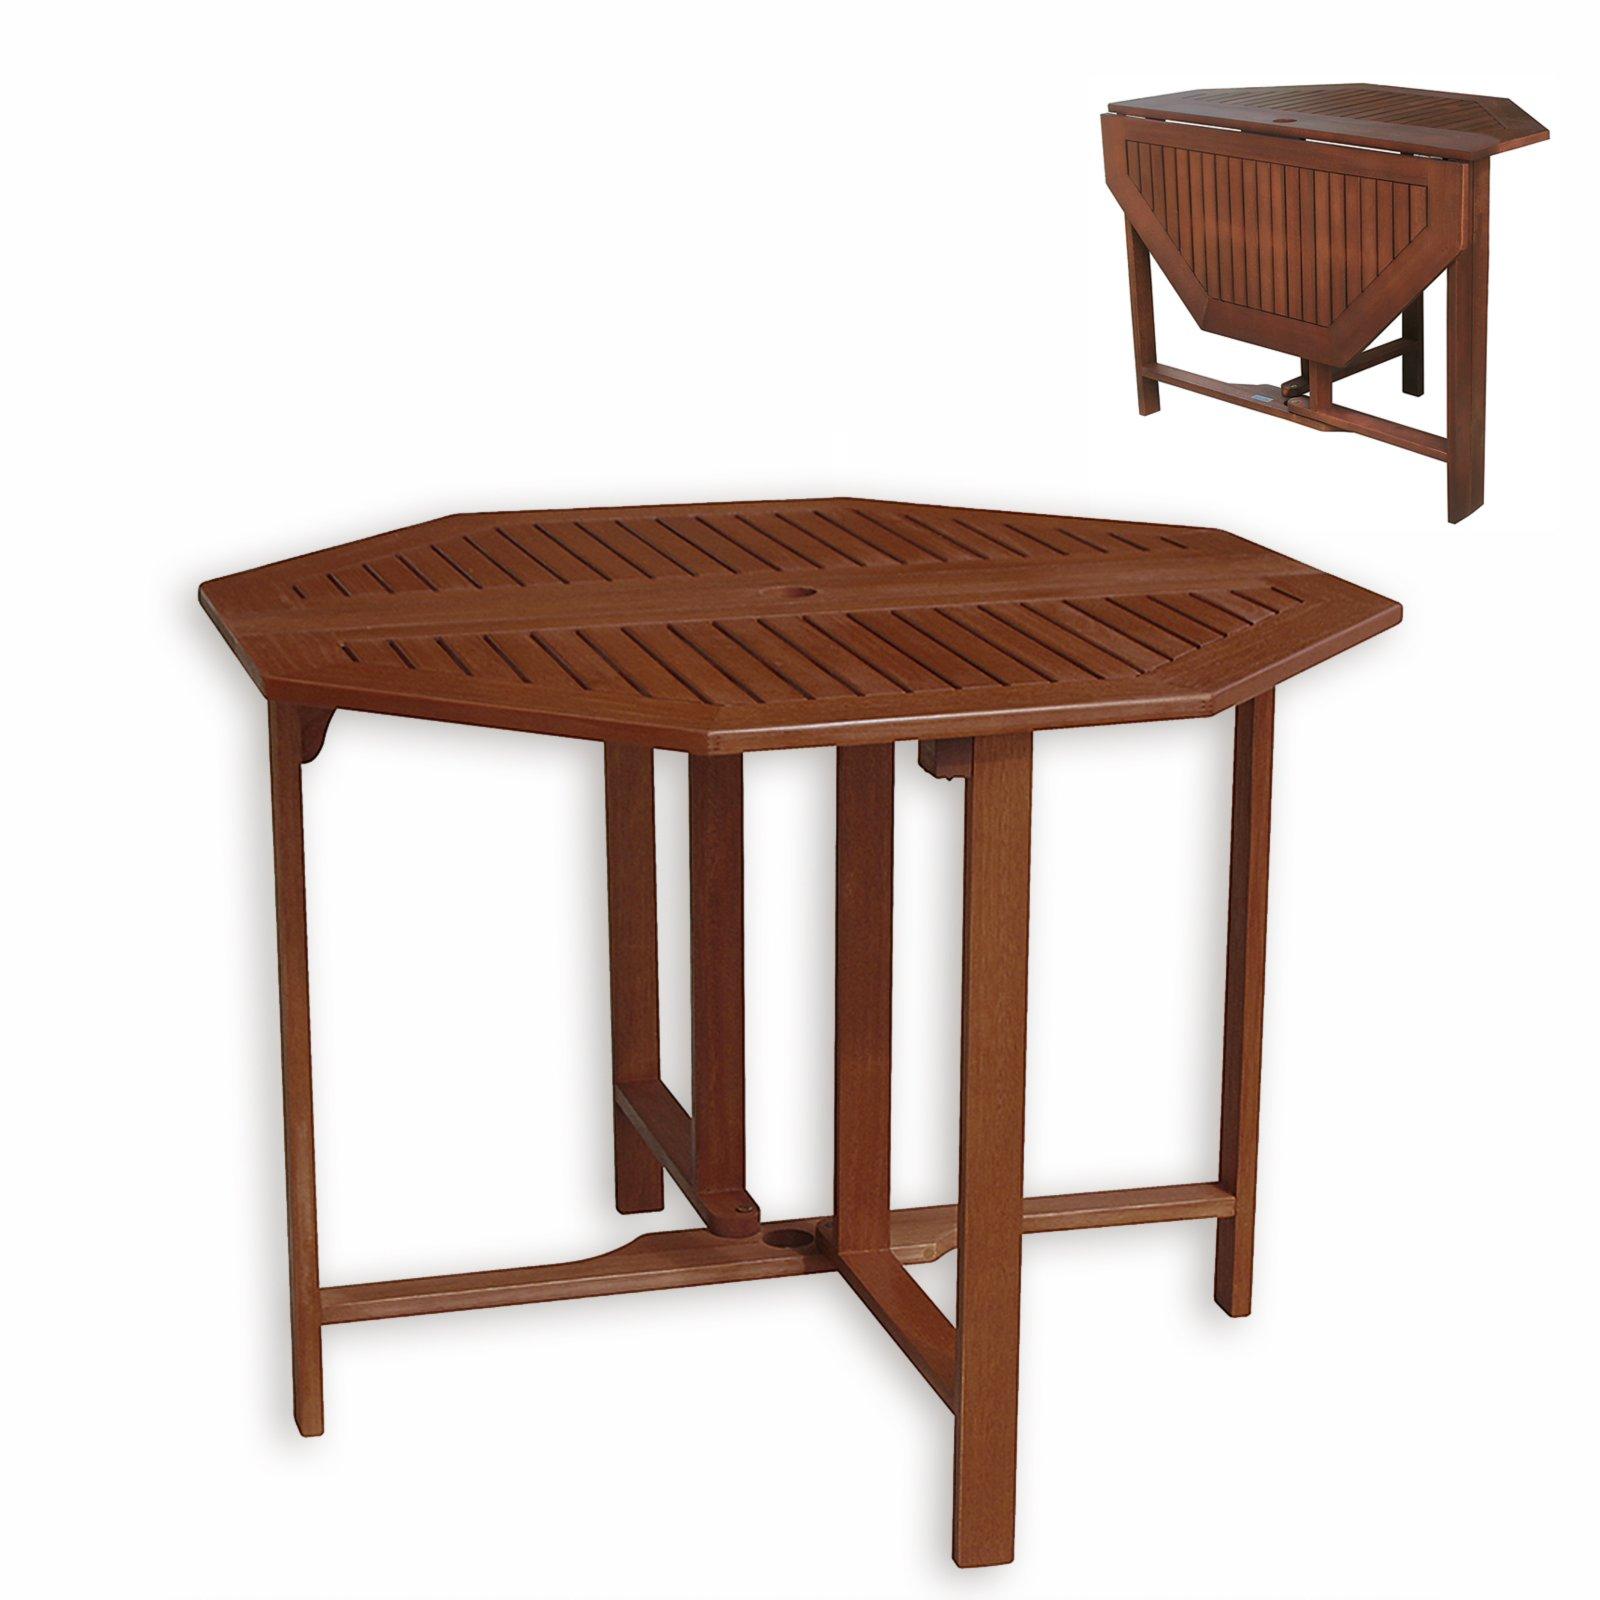 balkontisch klappbar balkontisch klappbar with. Black Bedroom Furniture Sets. Home Design Ideas